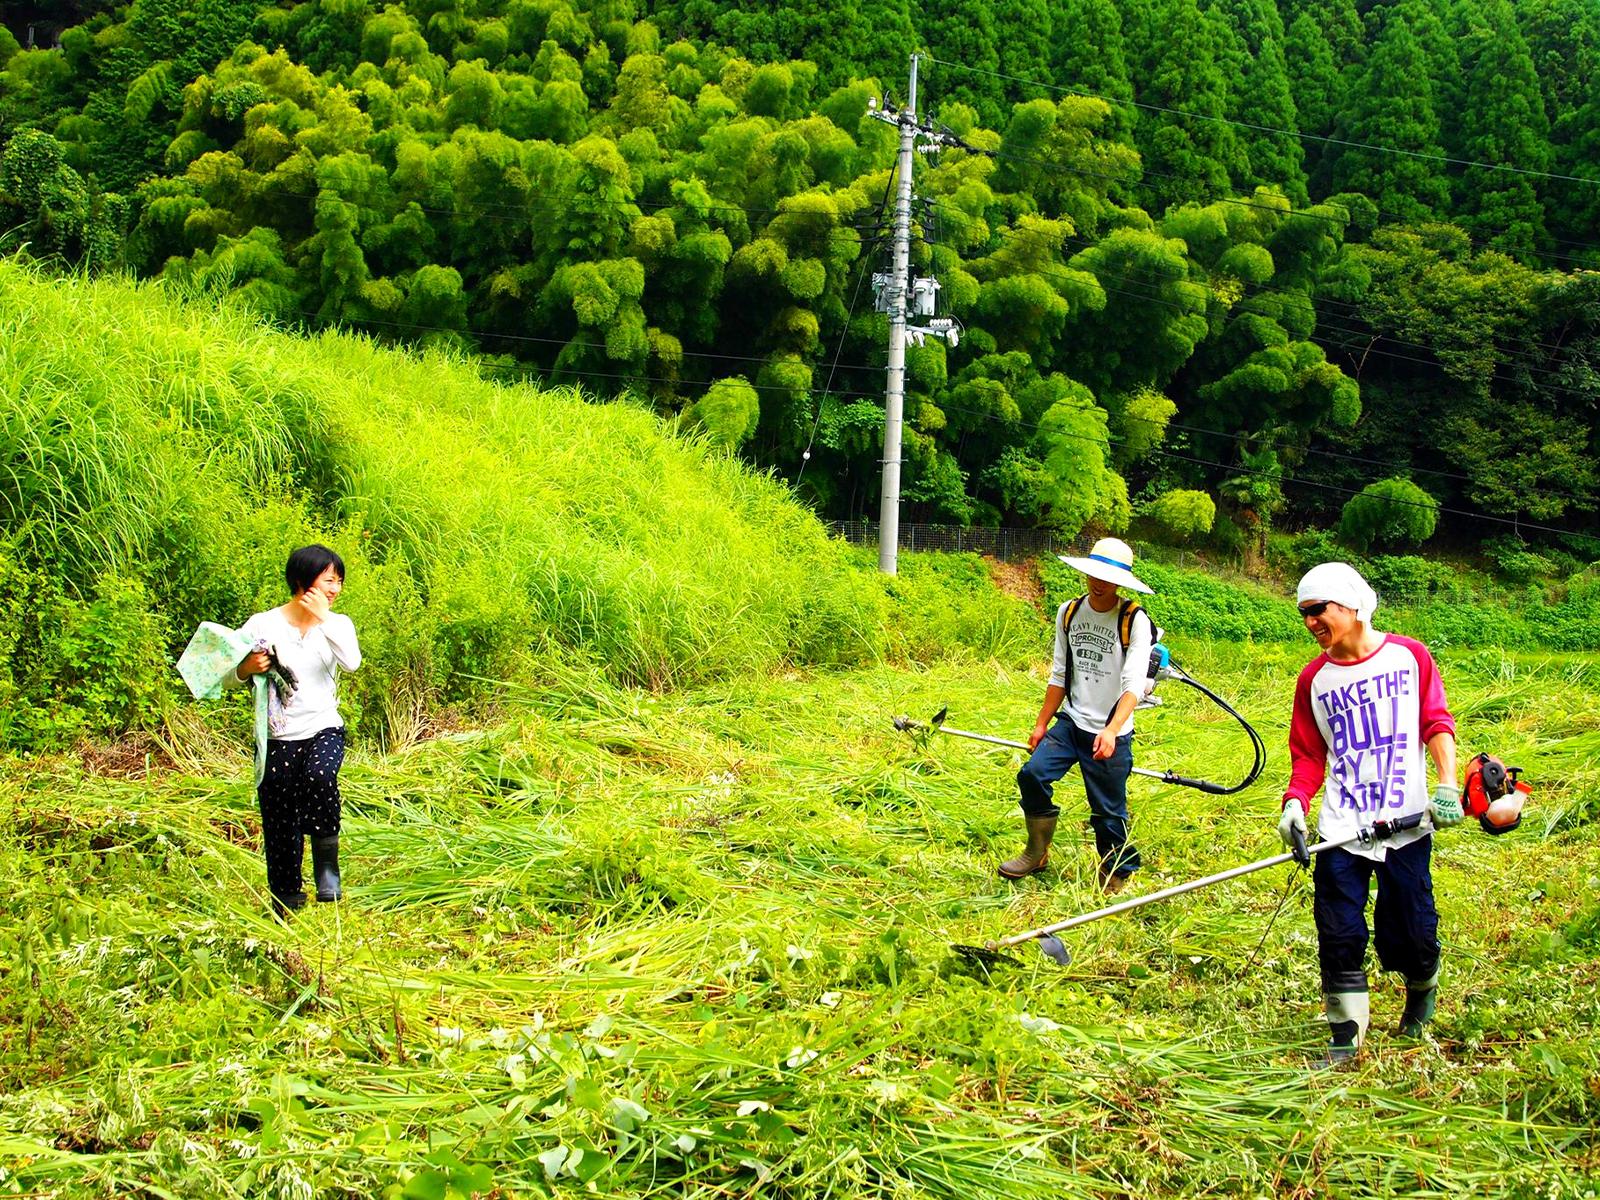 岡山県美作市の耕作放棄地で草刈り。草刈りは隊員仕事の「基本」だ。